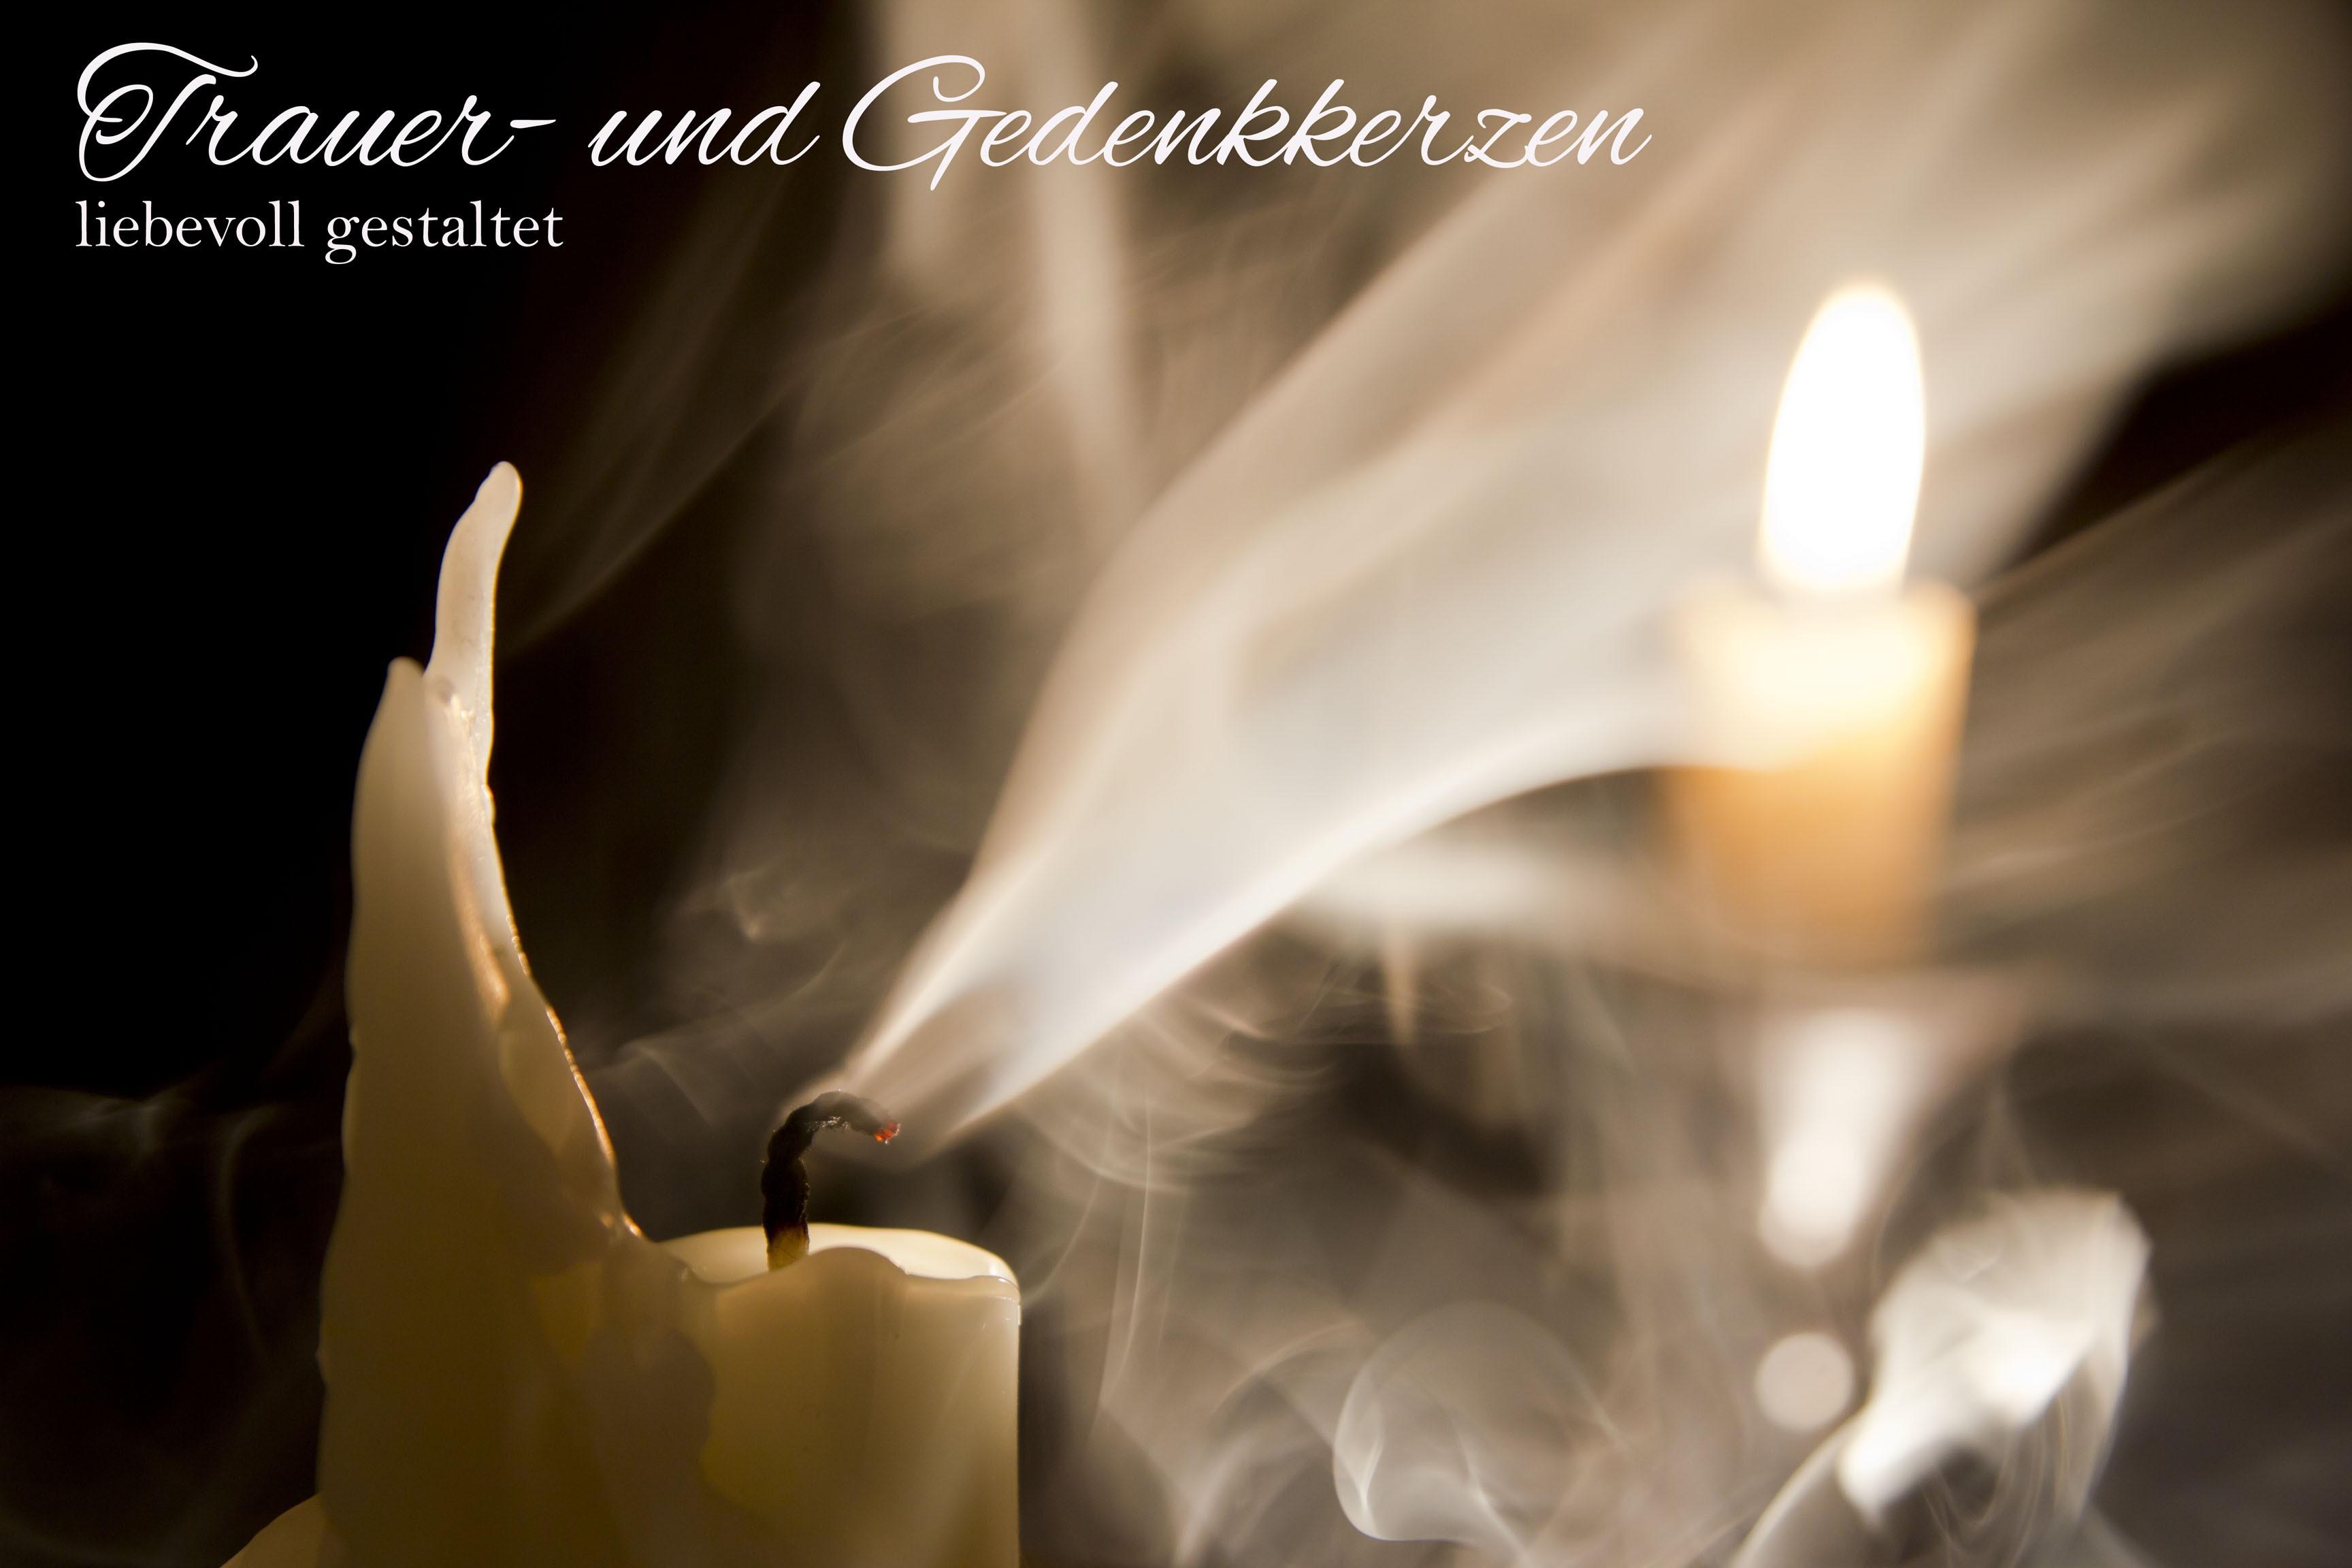 Trauer-  und Gedenkkerzen